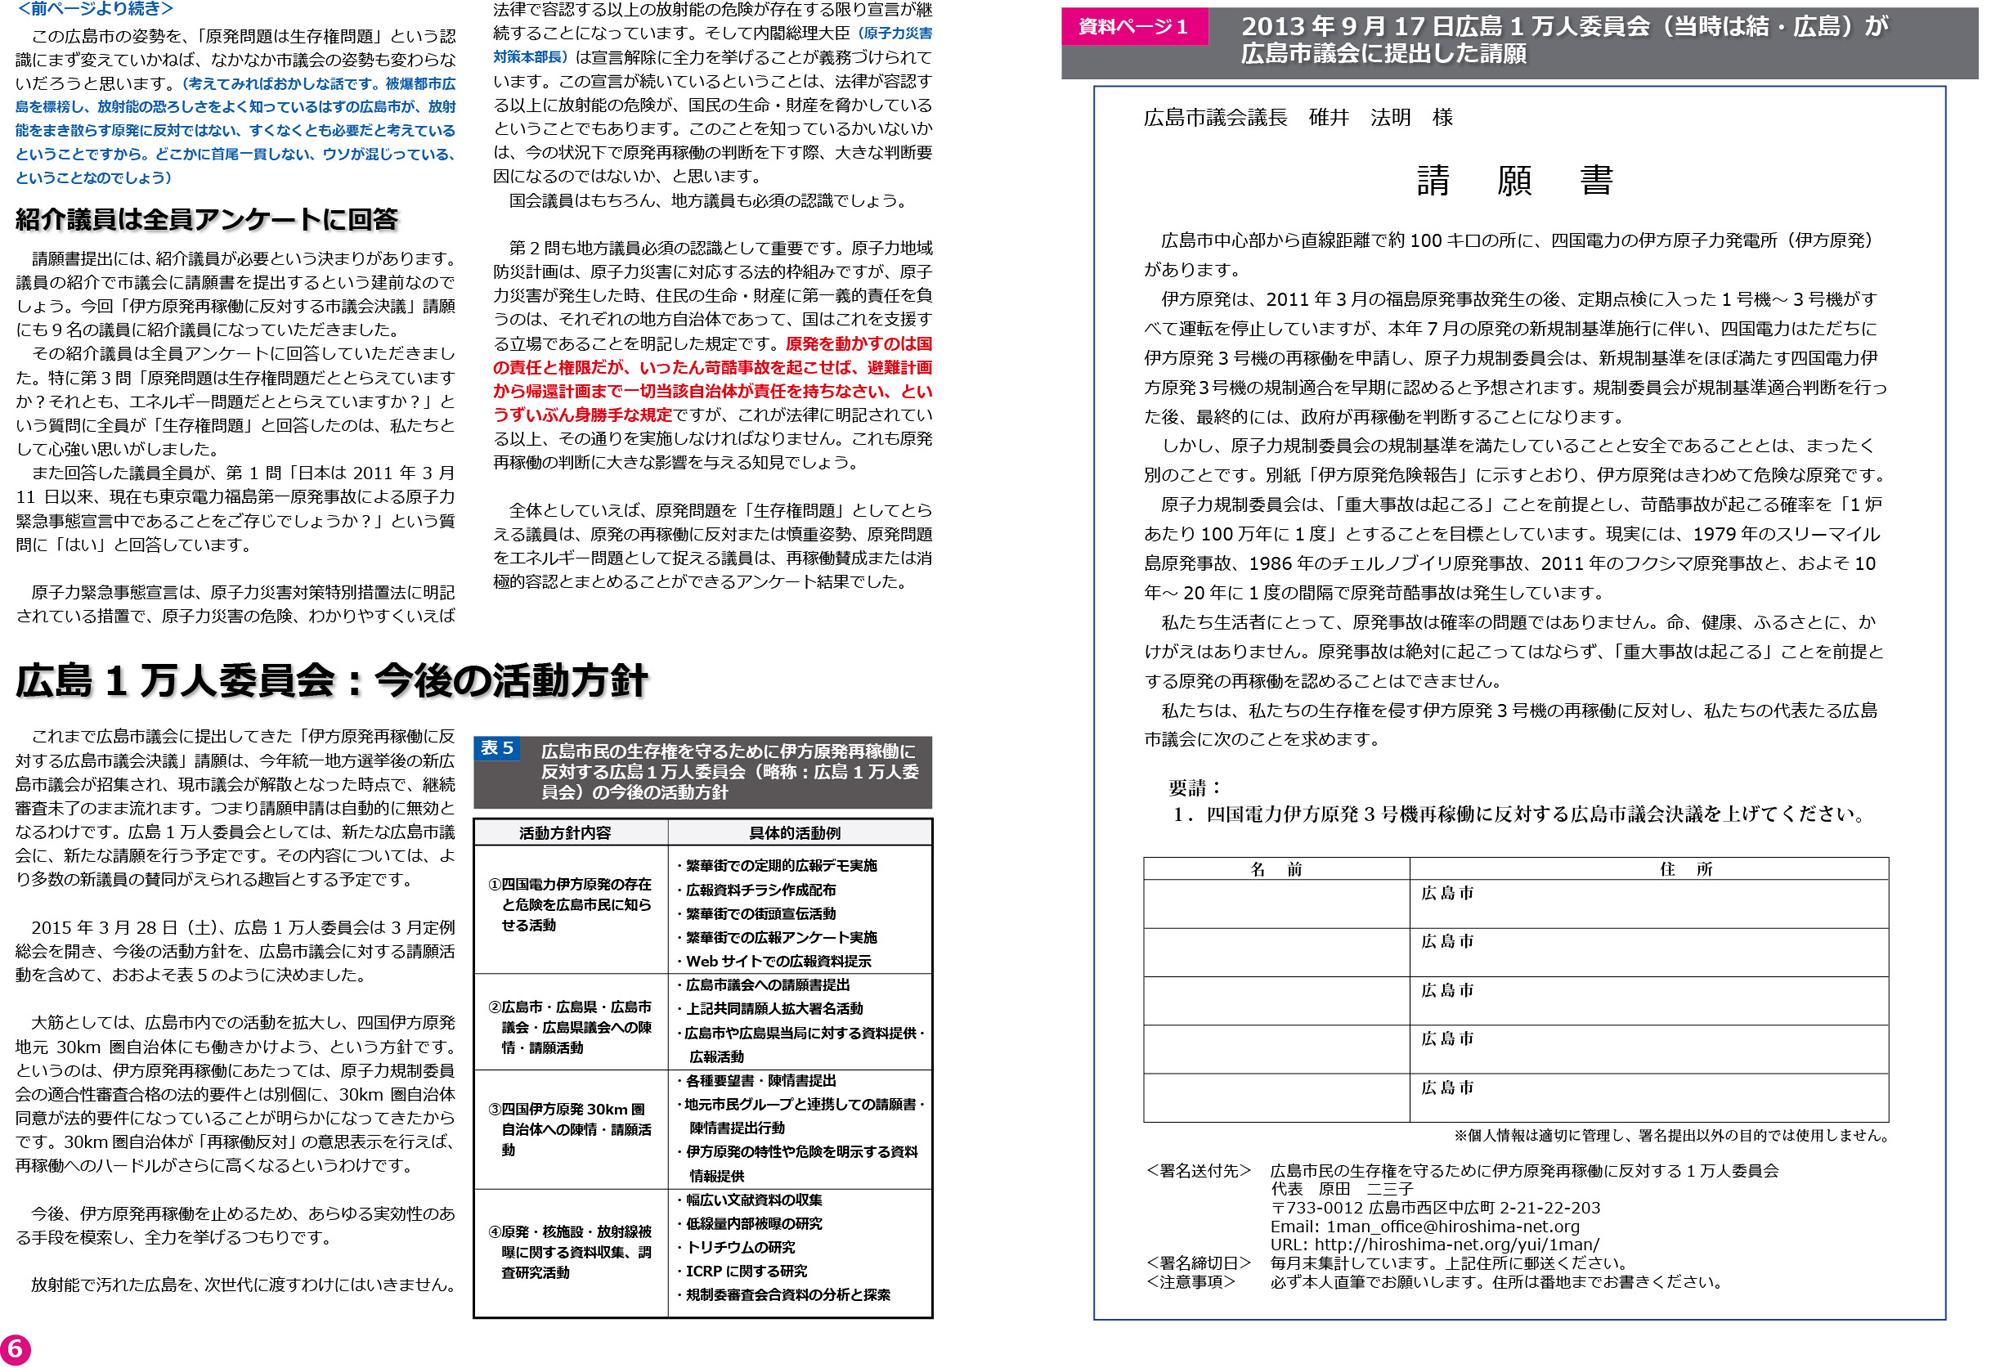 ファイル 102-4.jpg